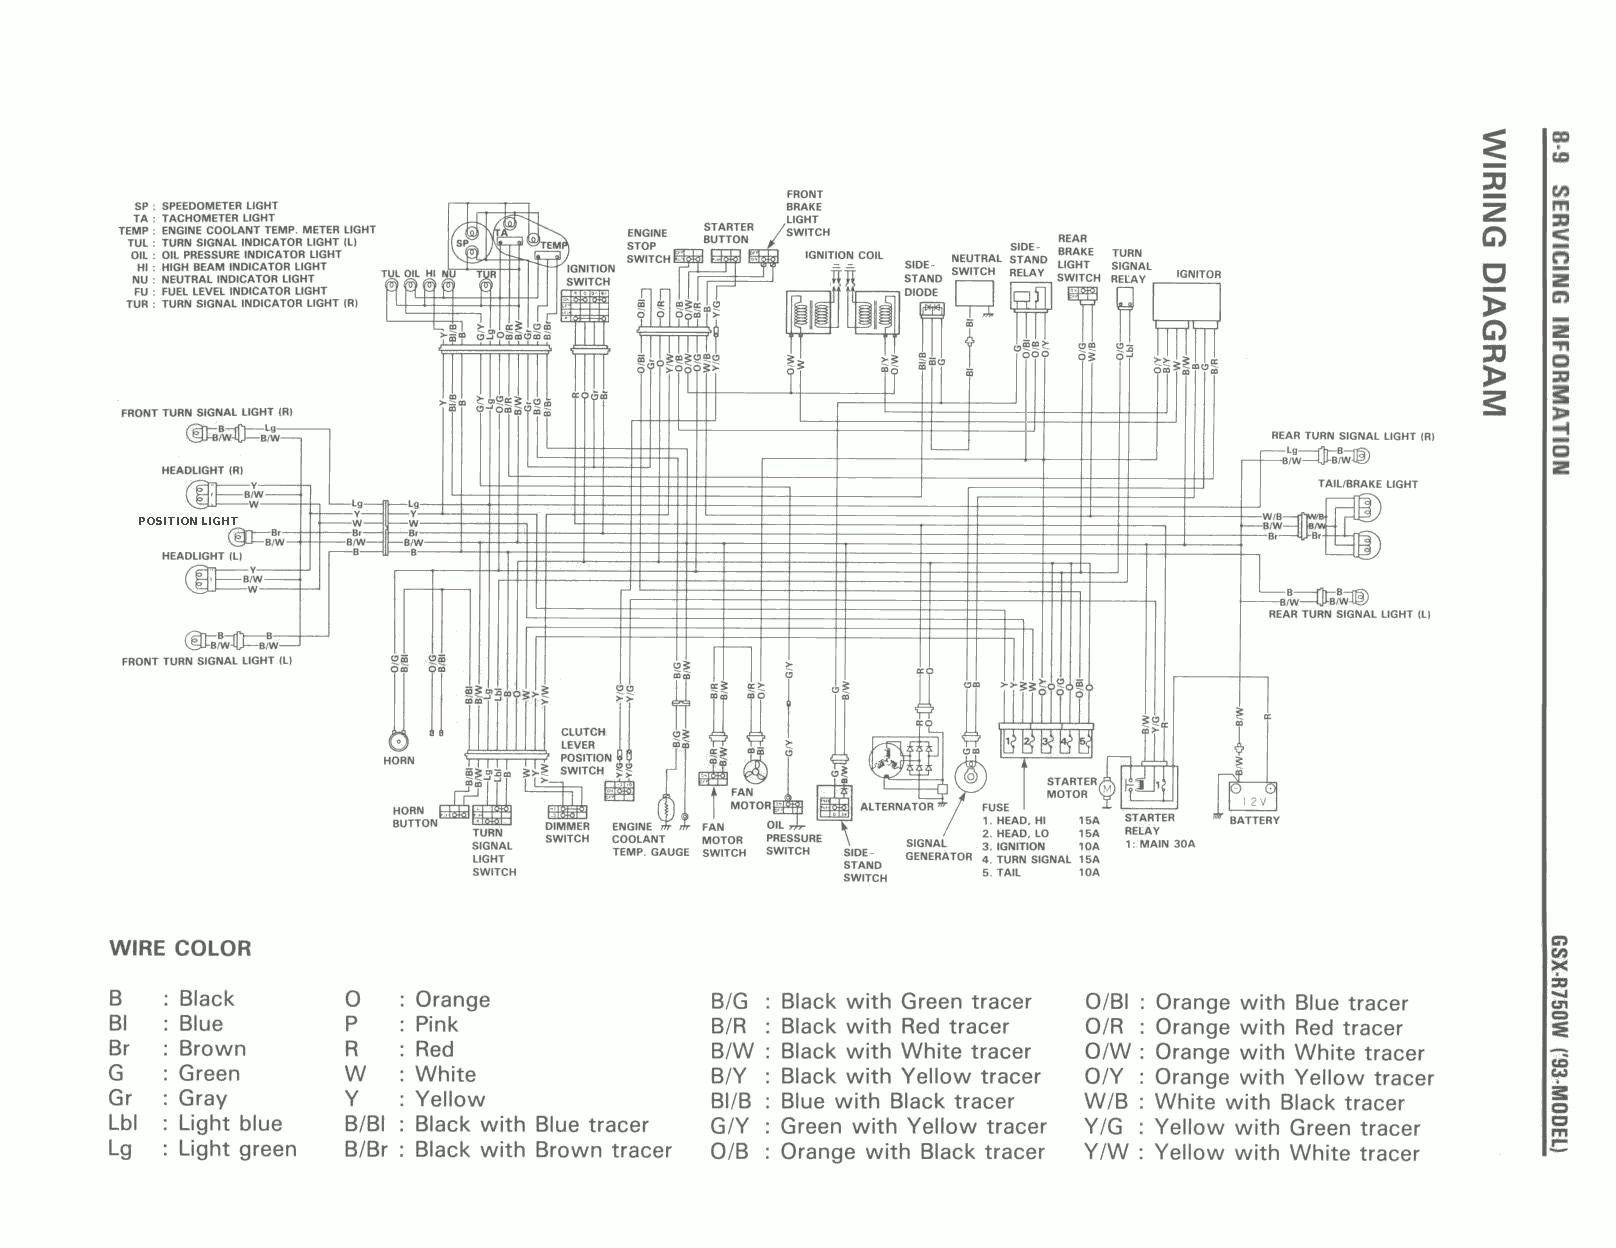 2000 Gsxr 750 Wiring Diagram - Trusted Wiring Diagram